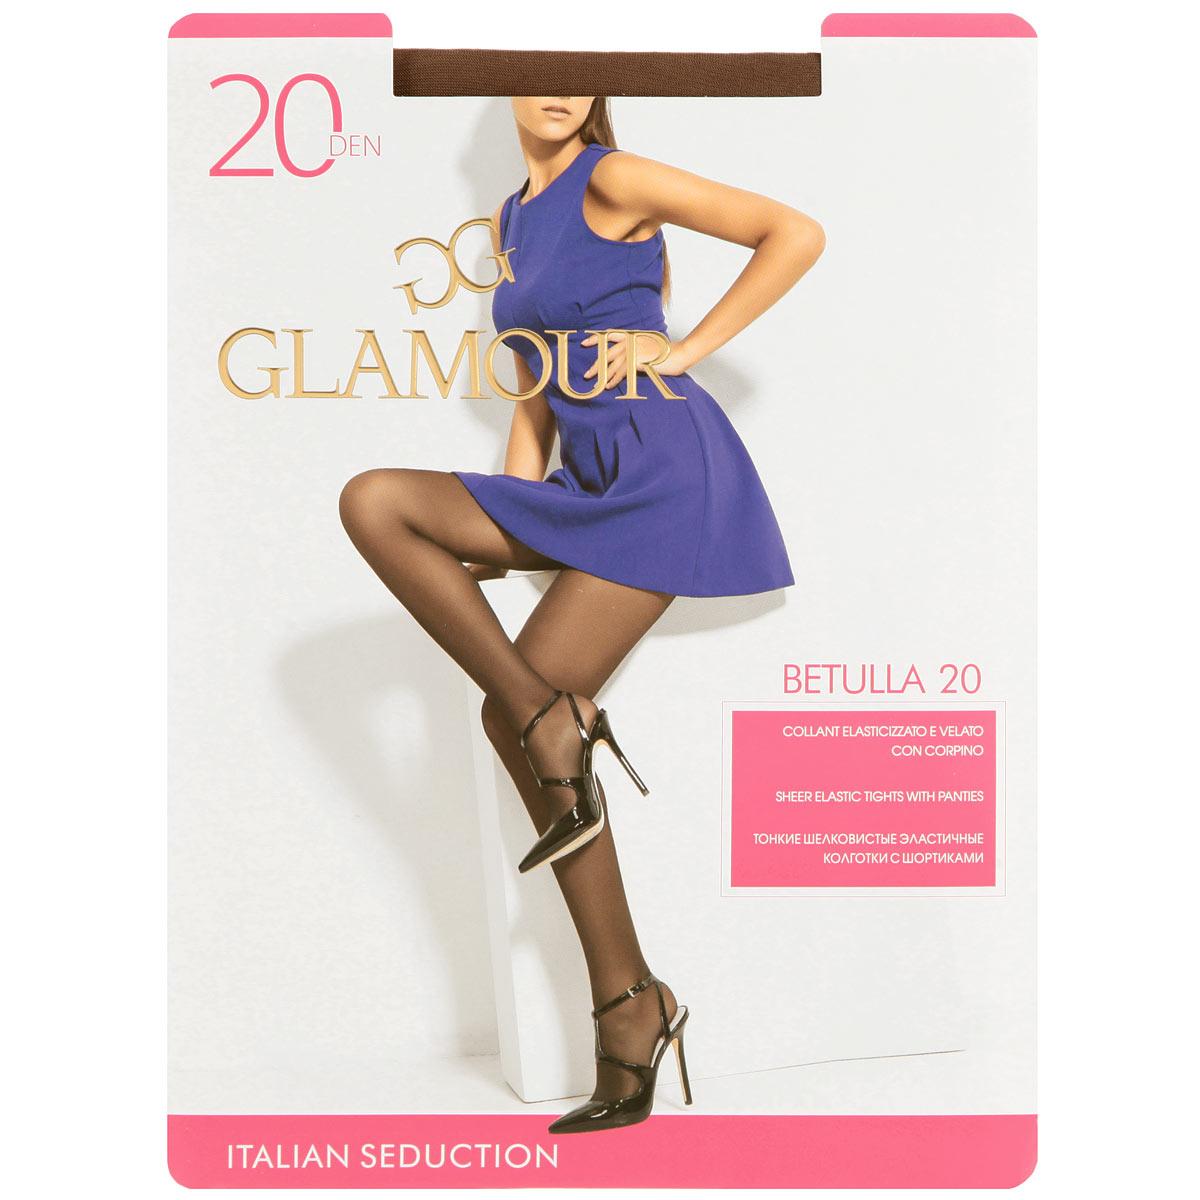 �������� ������� Betulla 20 - GlamourBetulla 20������ ����������� ���������� �������� � ���������, ���������� ������, ����������� ���������� ������. ���������: 20 den.